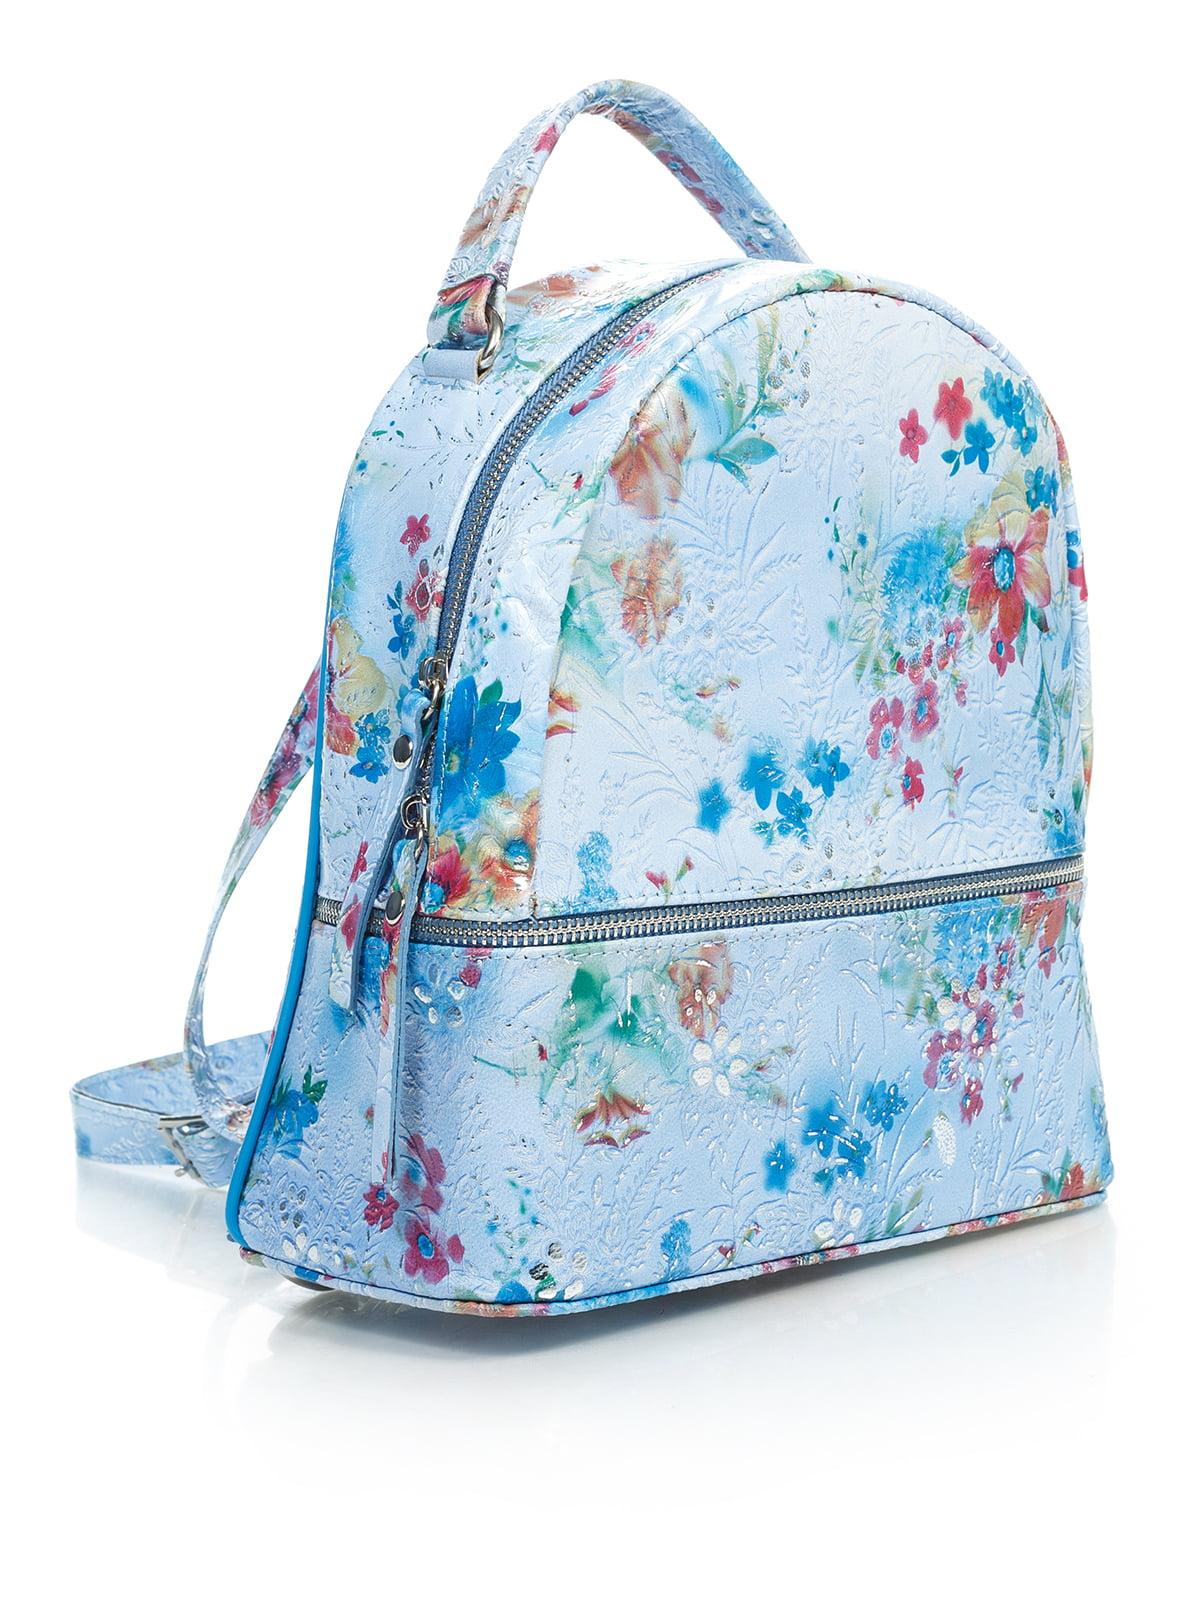 Рюкзак в цветочный принт | 4145423 | фото 4